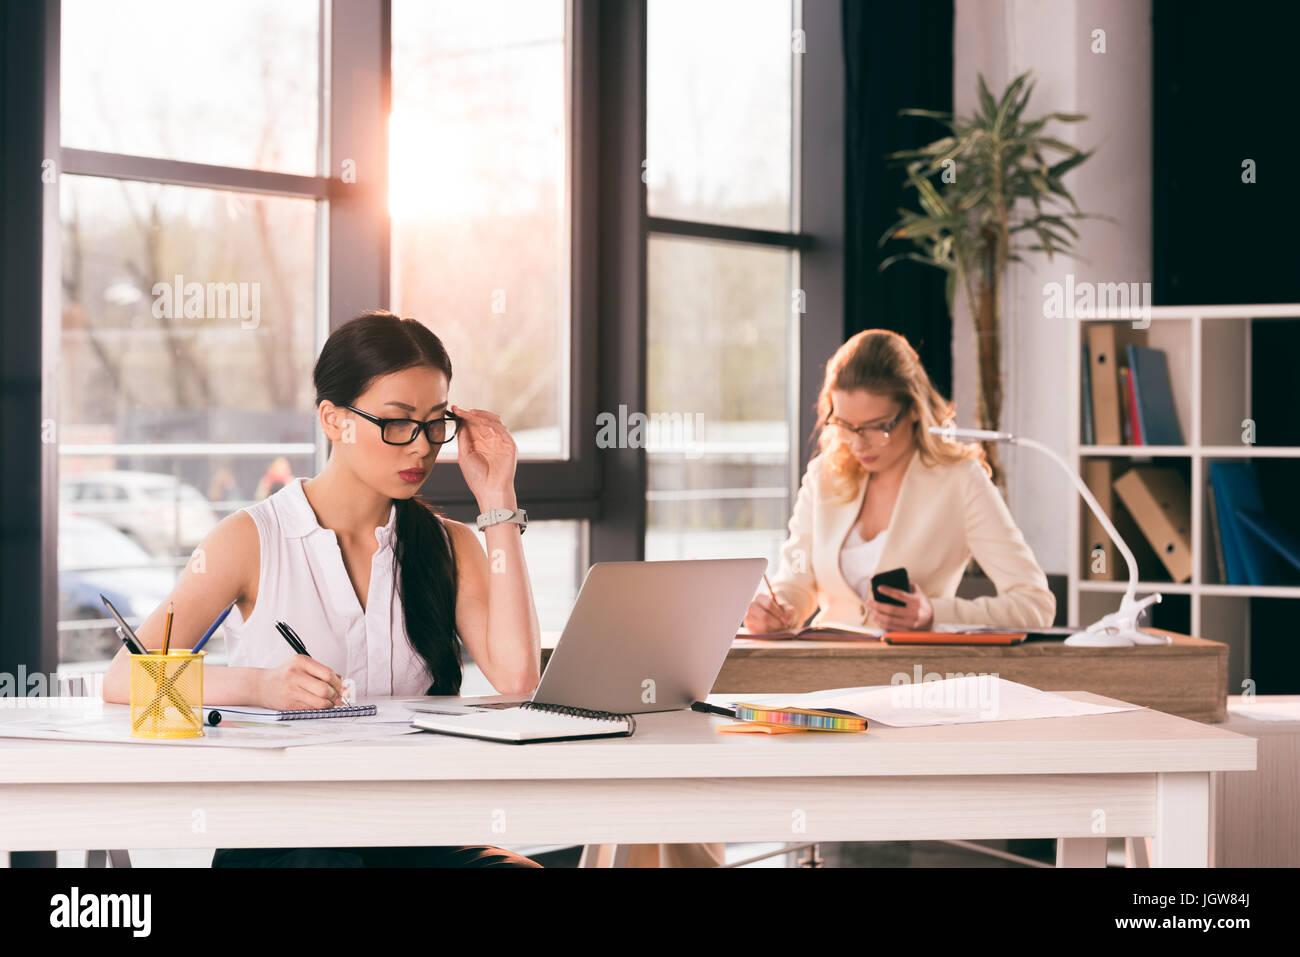 Giovani imprenditrici multietnica nel convenzionale lavora presso un ufficio moderno Immagini Stock